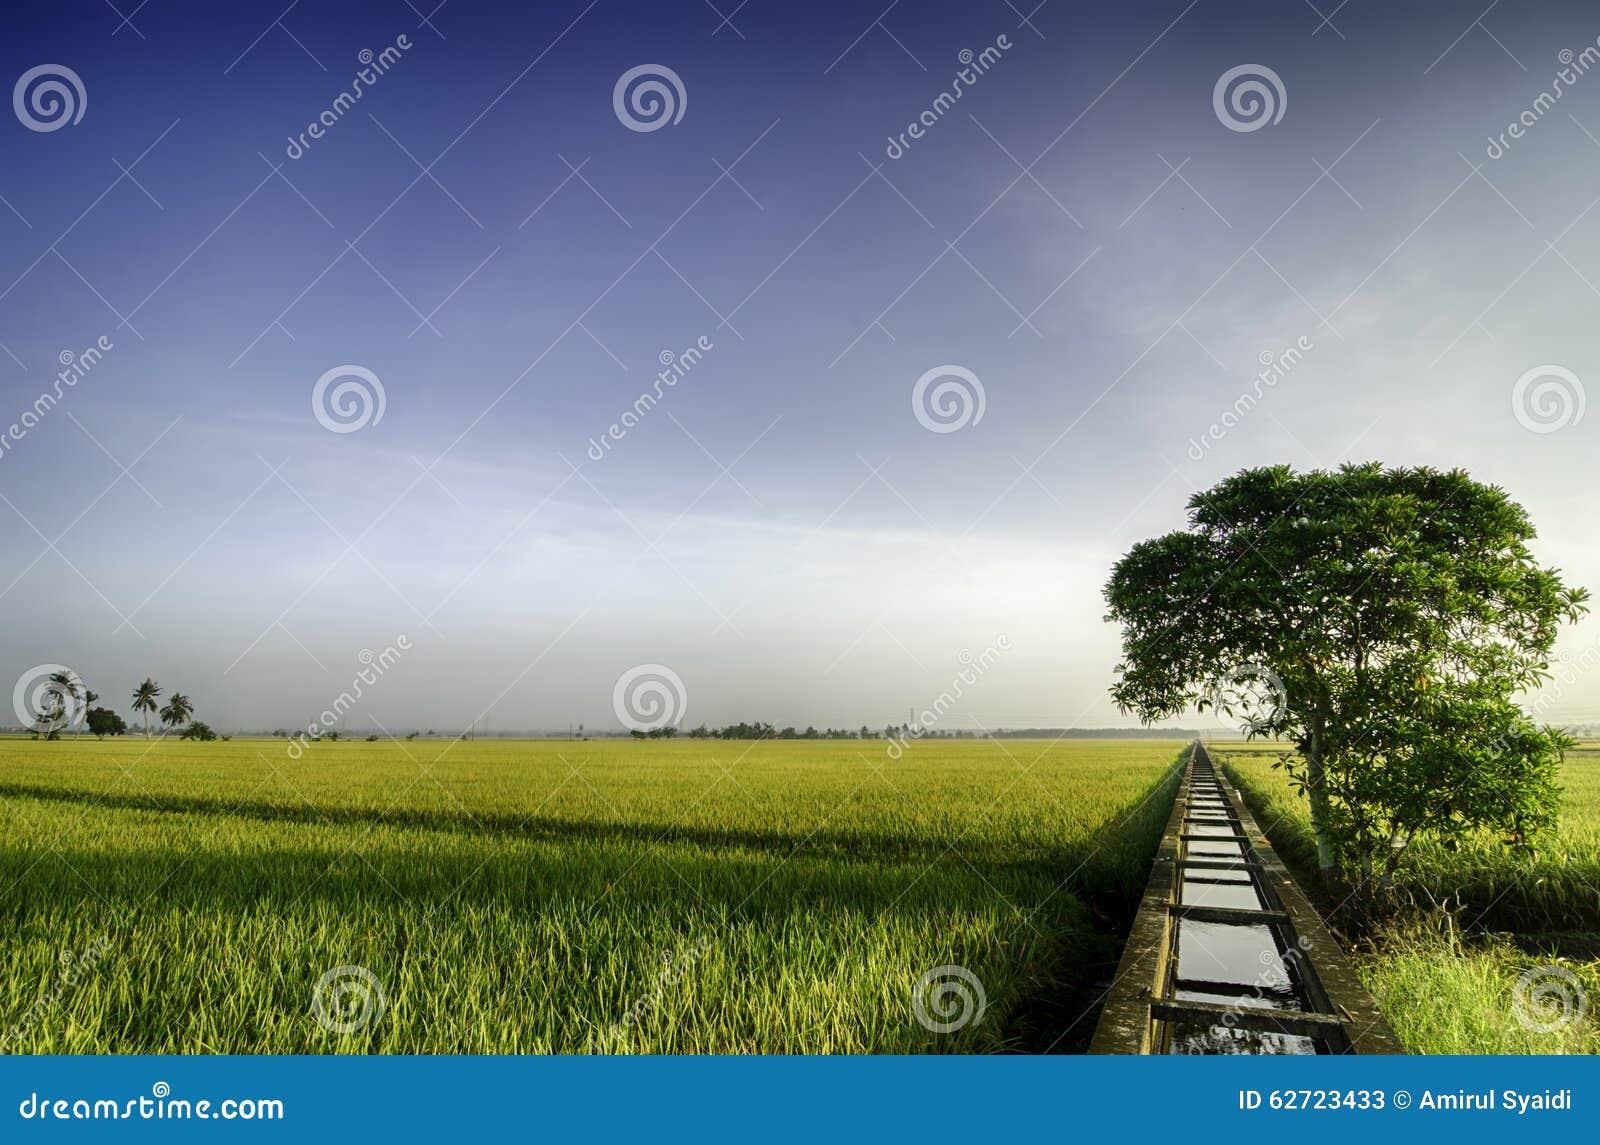 Όμορφος ευρύς τομέας ορυζώνα άποψης κίτρινος το πρωί μπλε ουρανός και ενιαίο δέντρο στο αριστερό